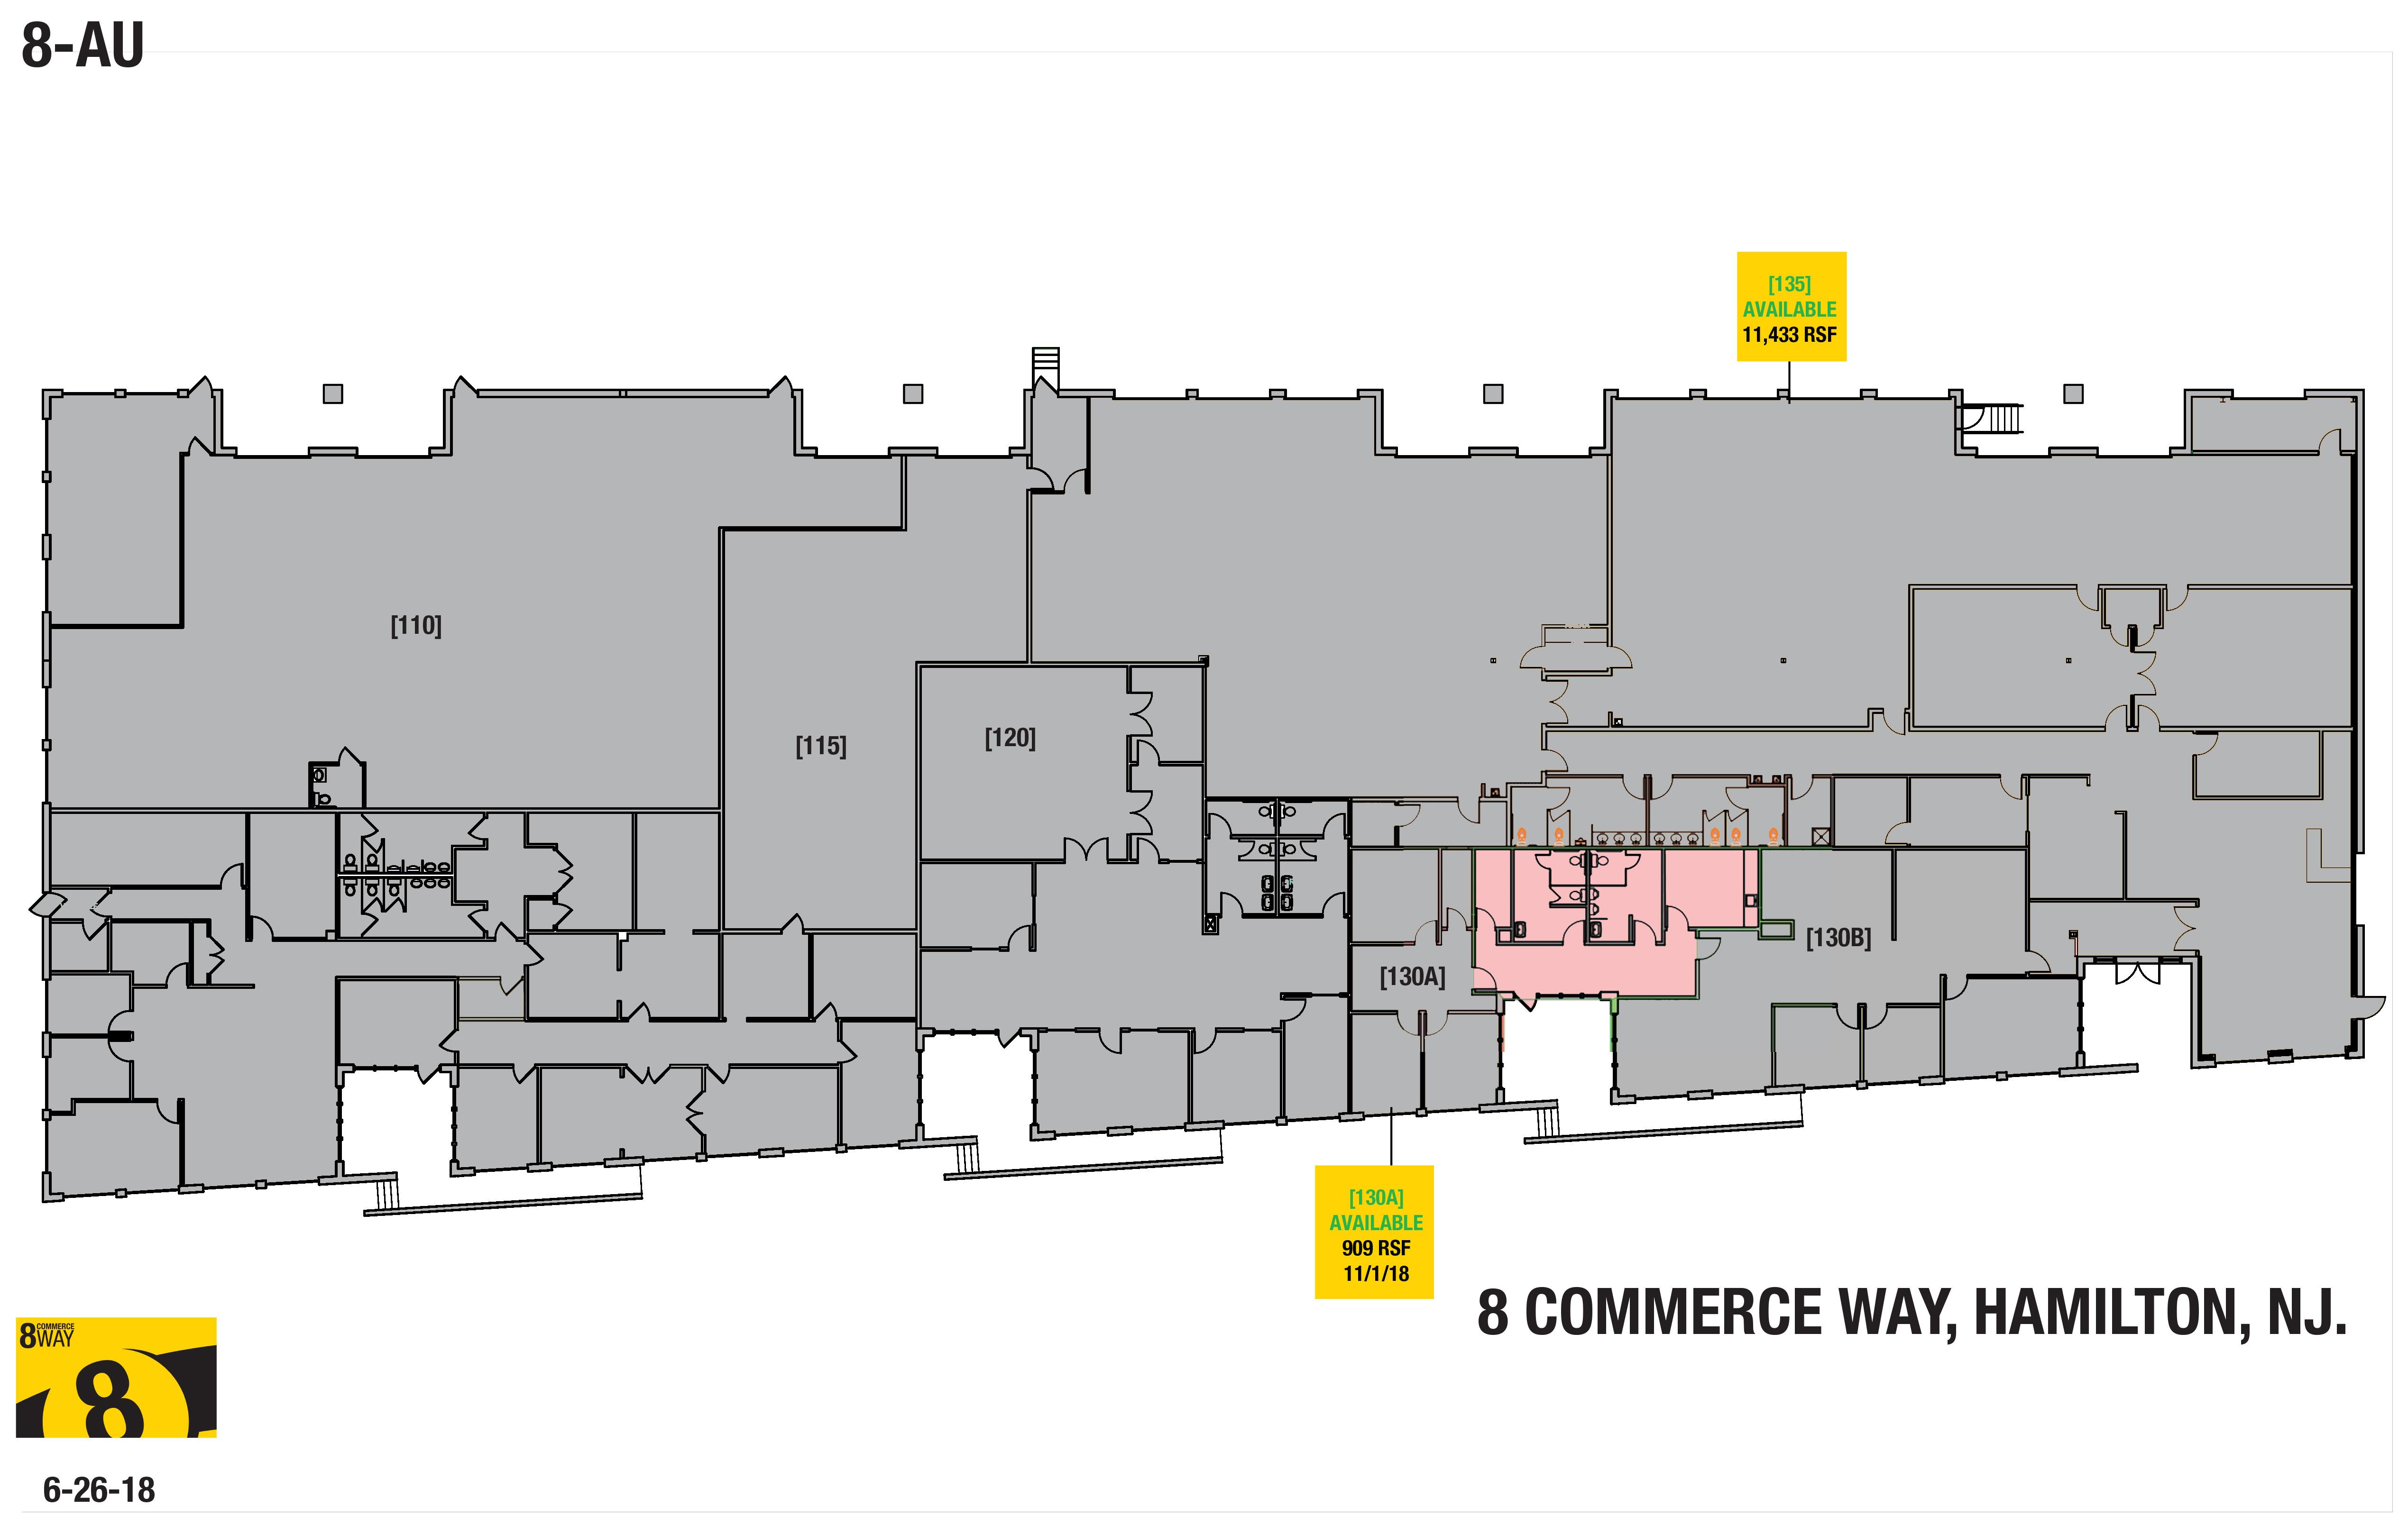 8 Commerce Way - 8-2-17 - floorplan